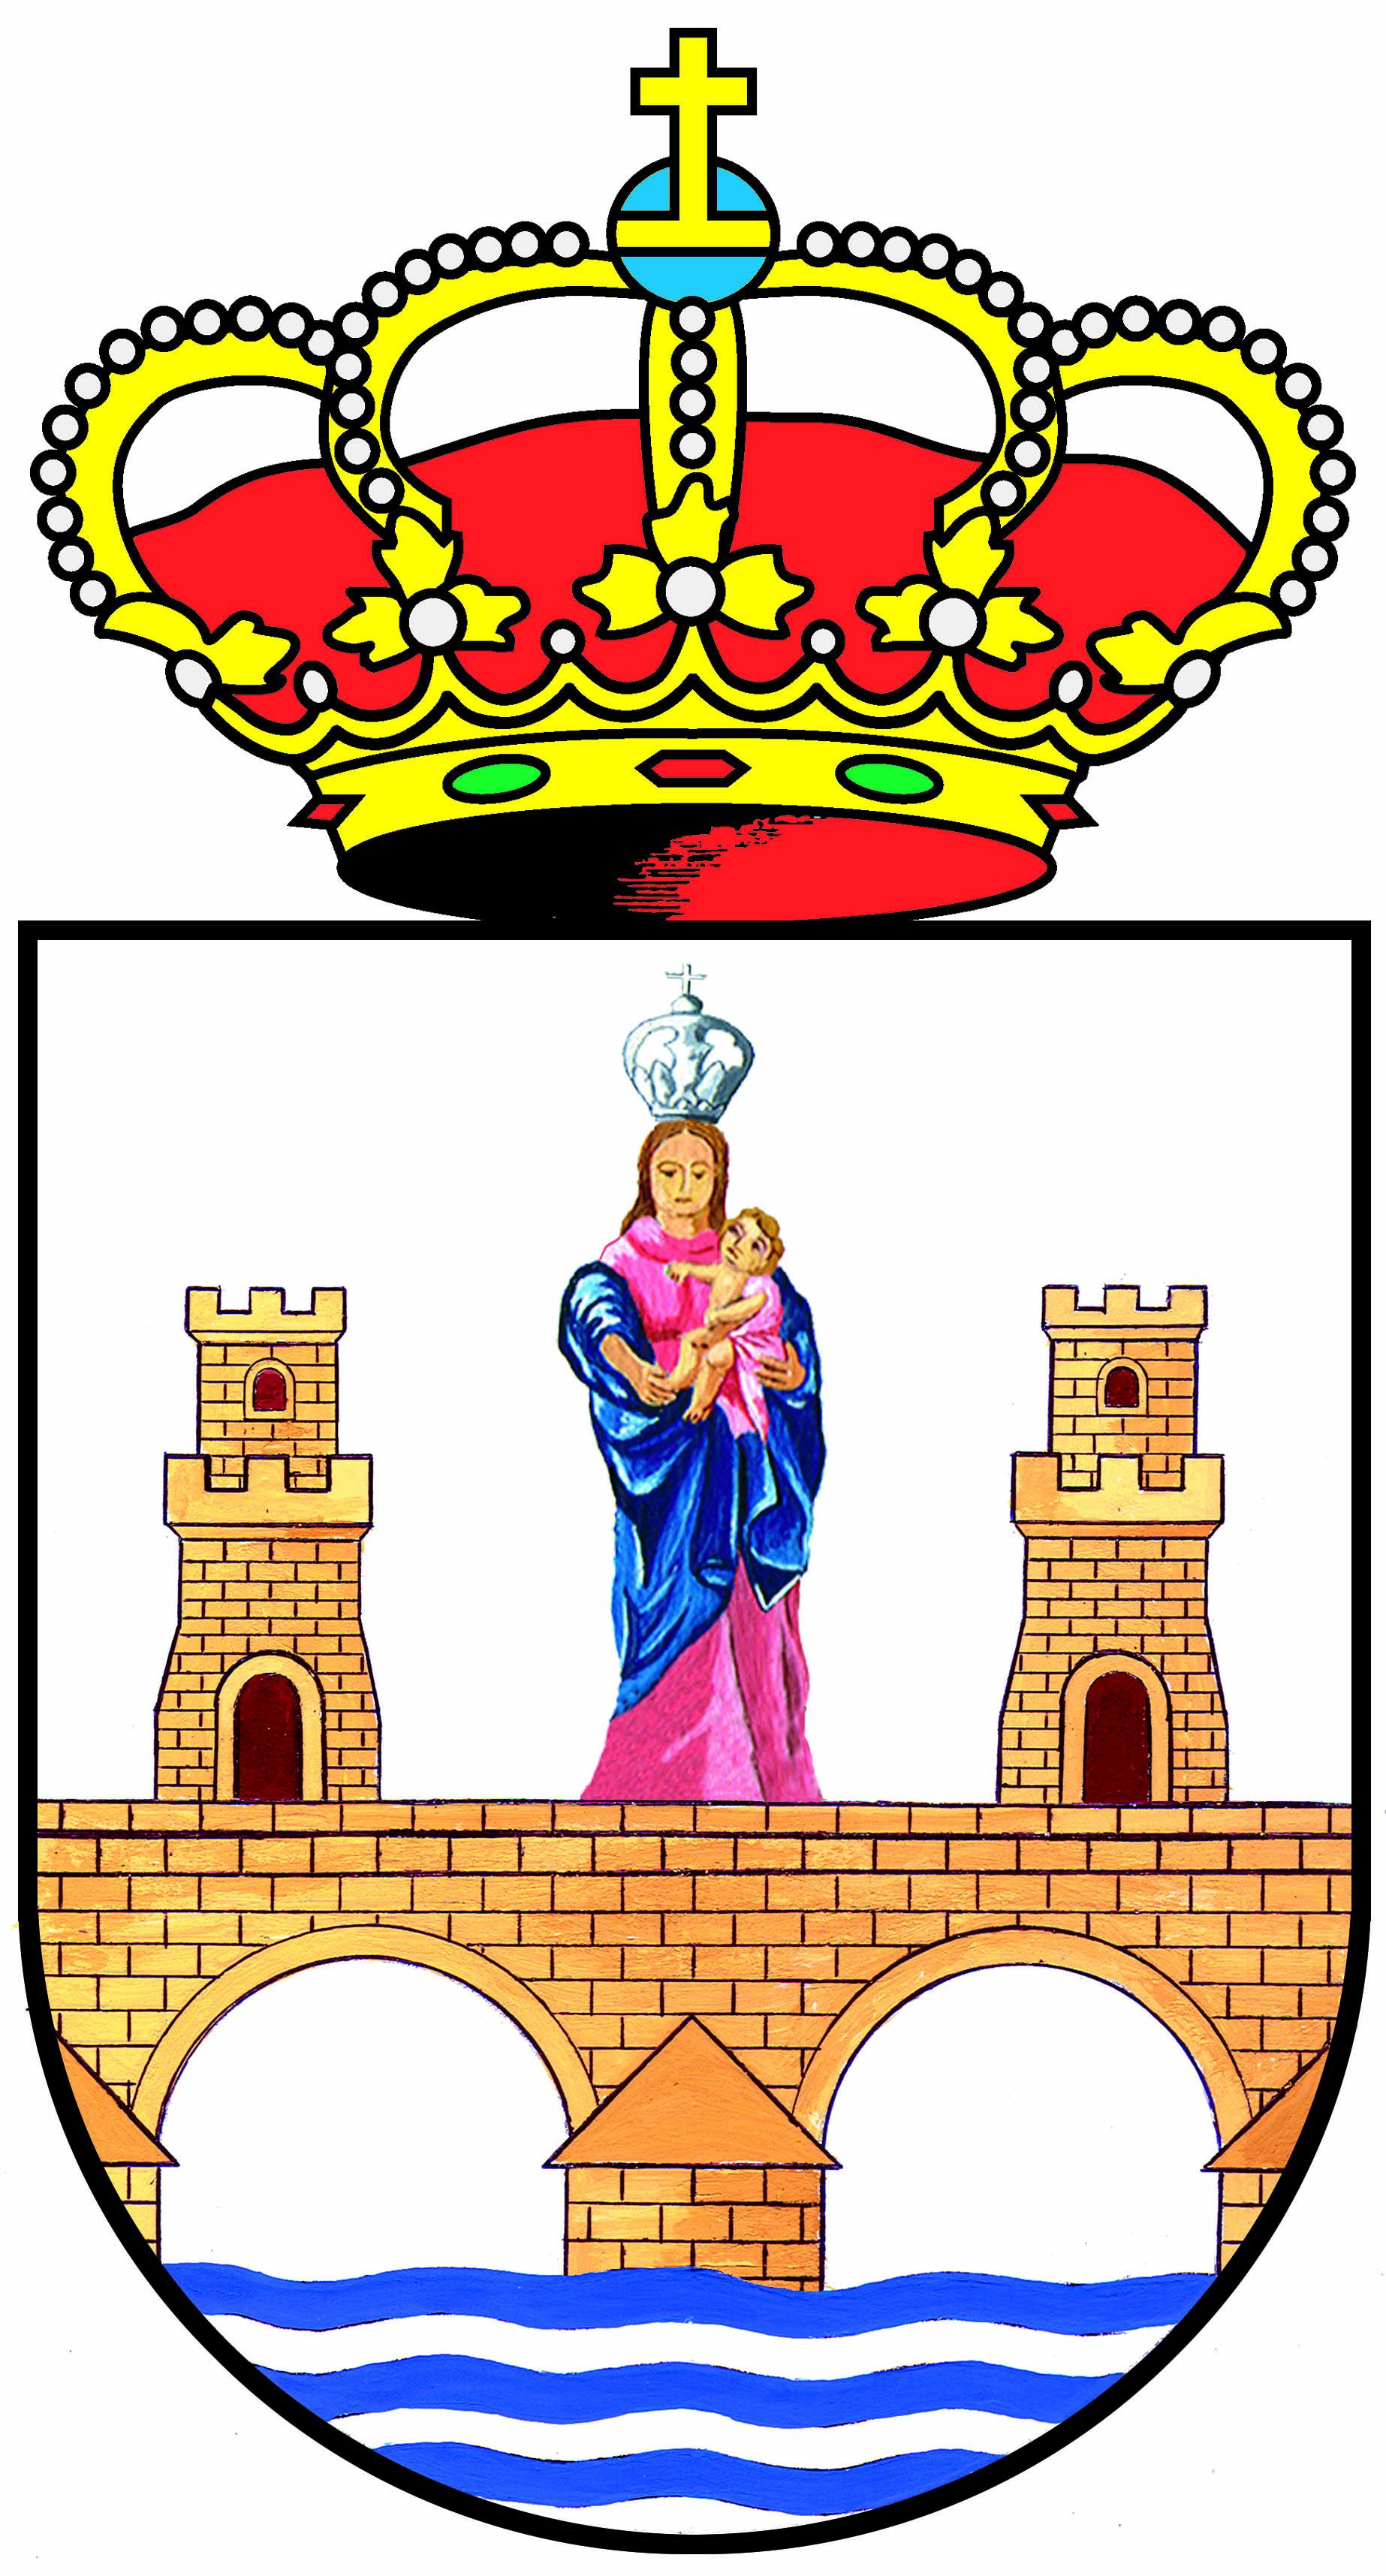 PAGO DEL AGUA, BASURA, ALCANTARILLADO Y DEPURACIÓN DE BENAVENTE.